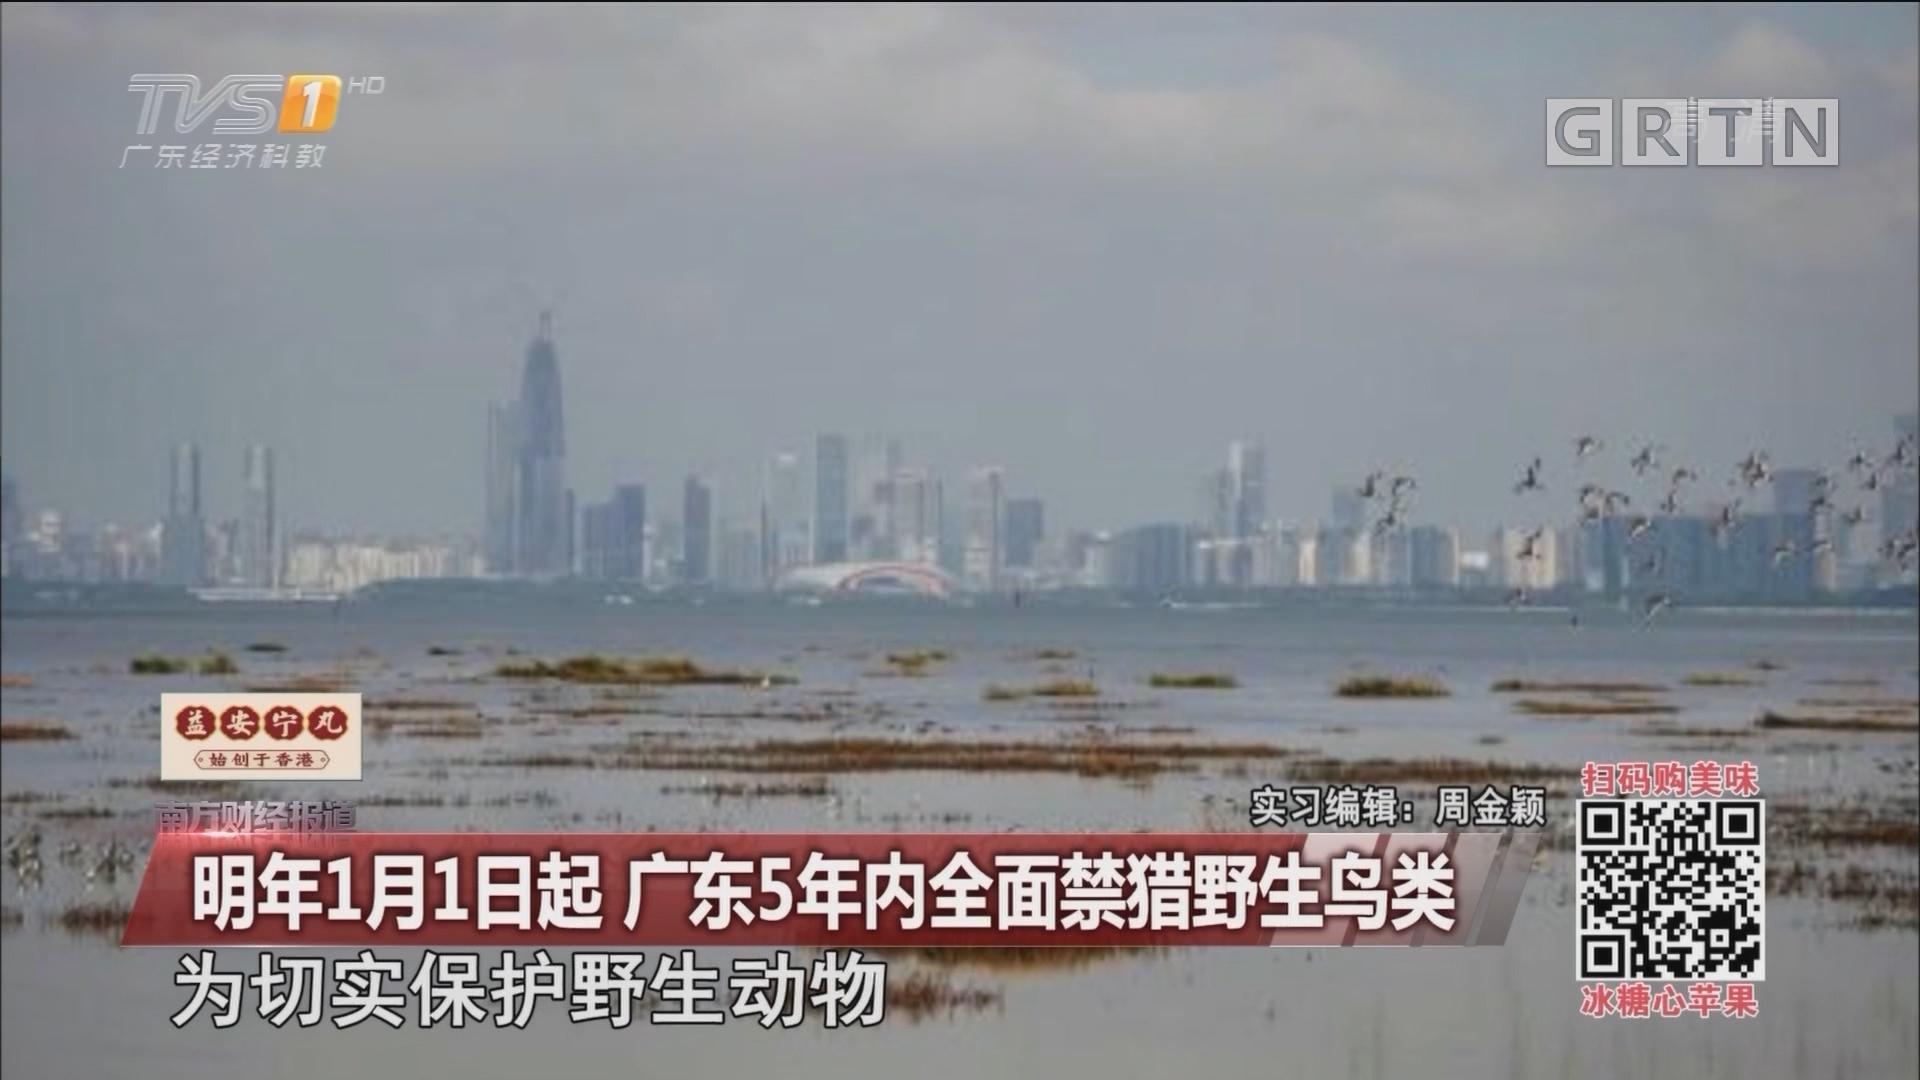 明年1月1日起 广东5年内全面禁猎野生鸟类